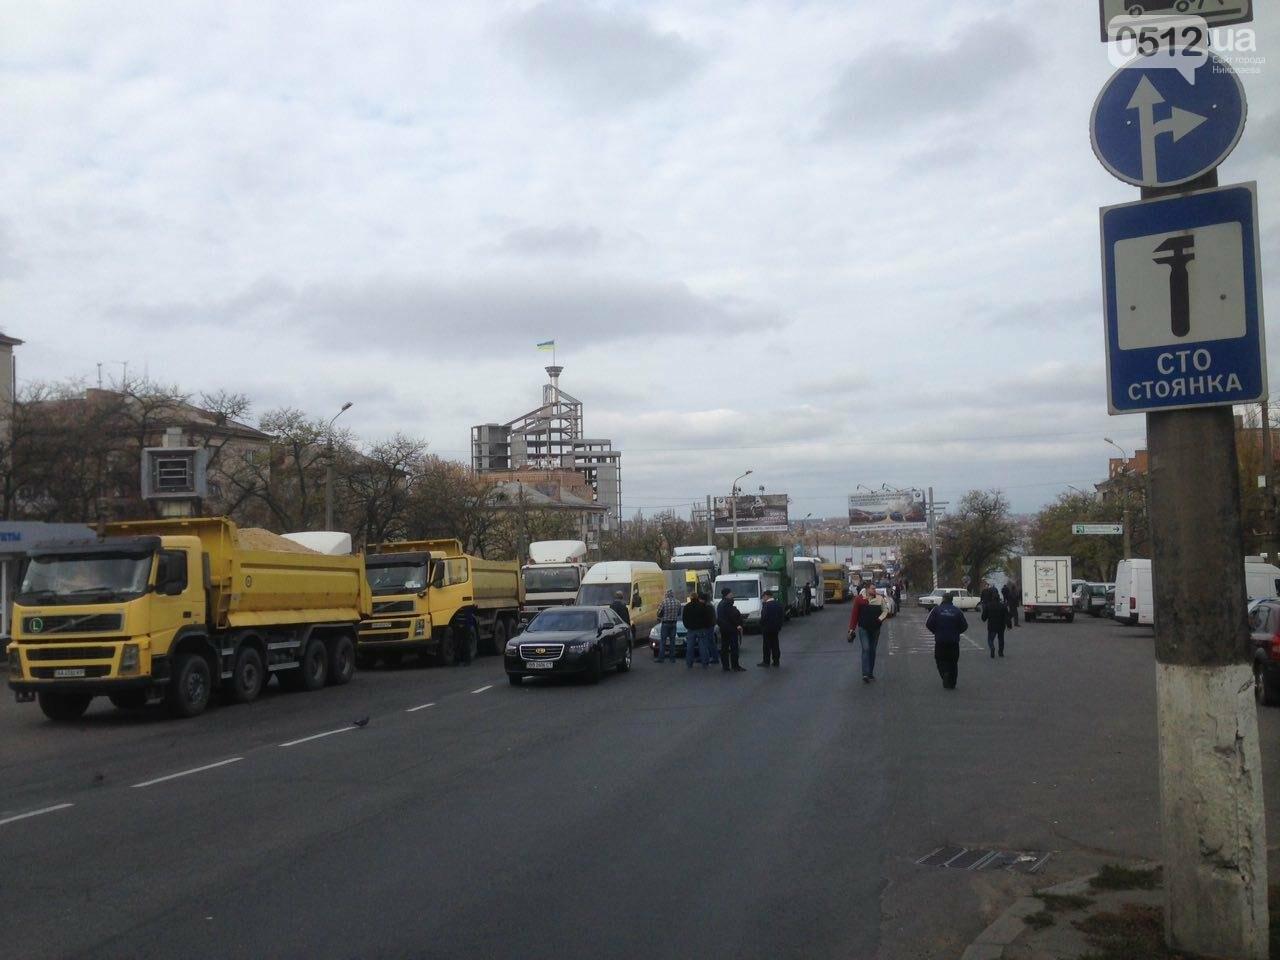 Из-за митинга на Варваровском мосту в Николаеве образовалась большая пробка (ФОТО, ВИДЕО), фото-1